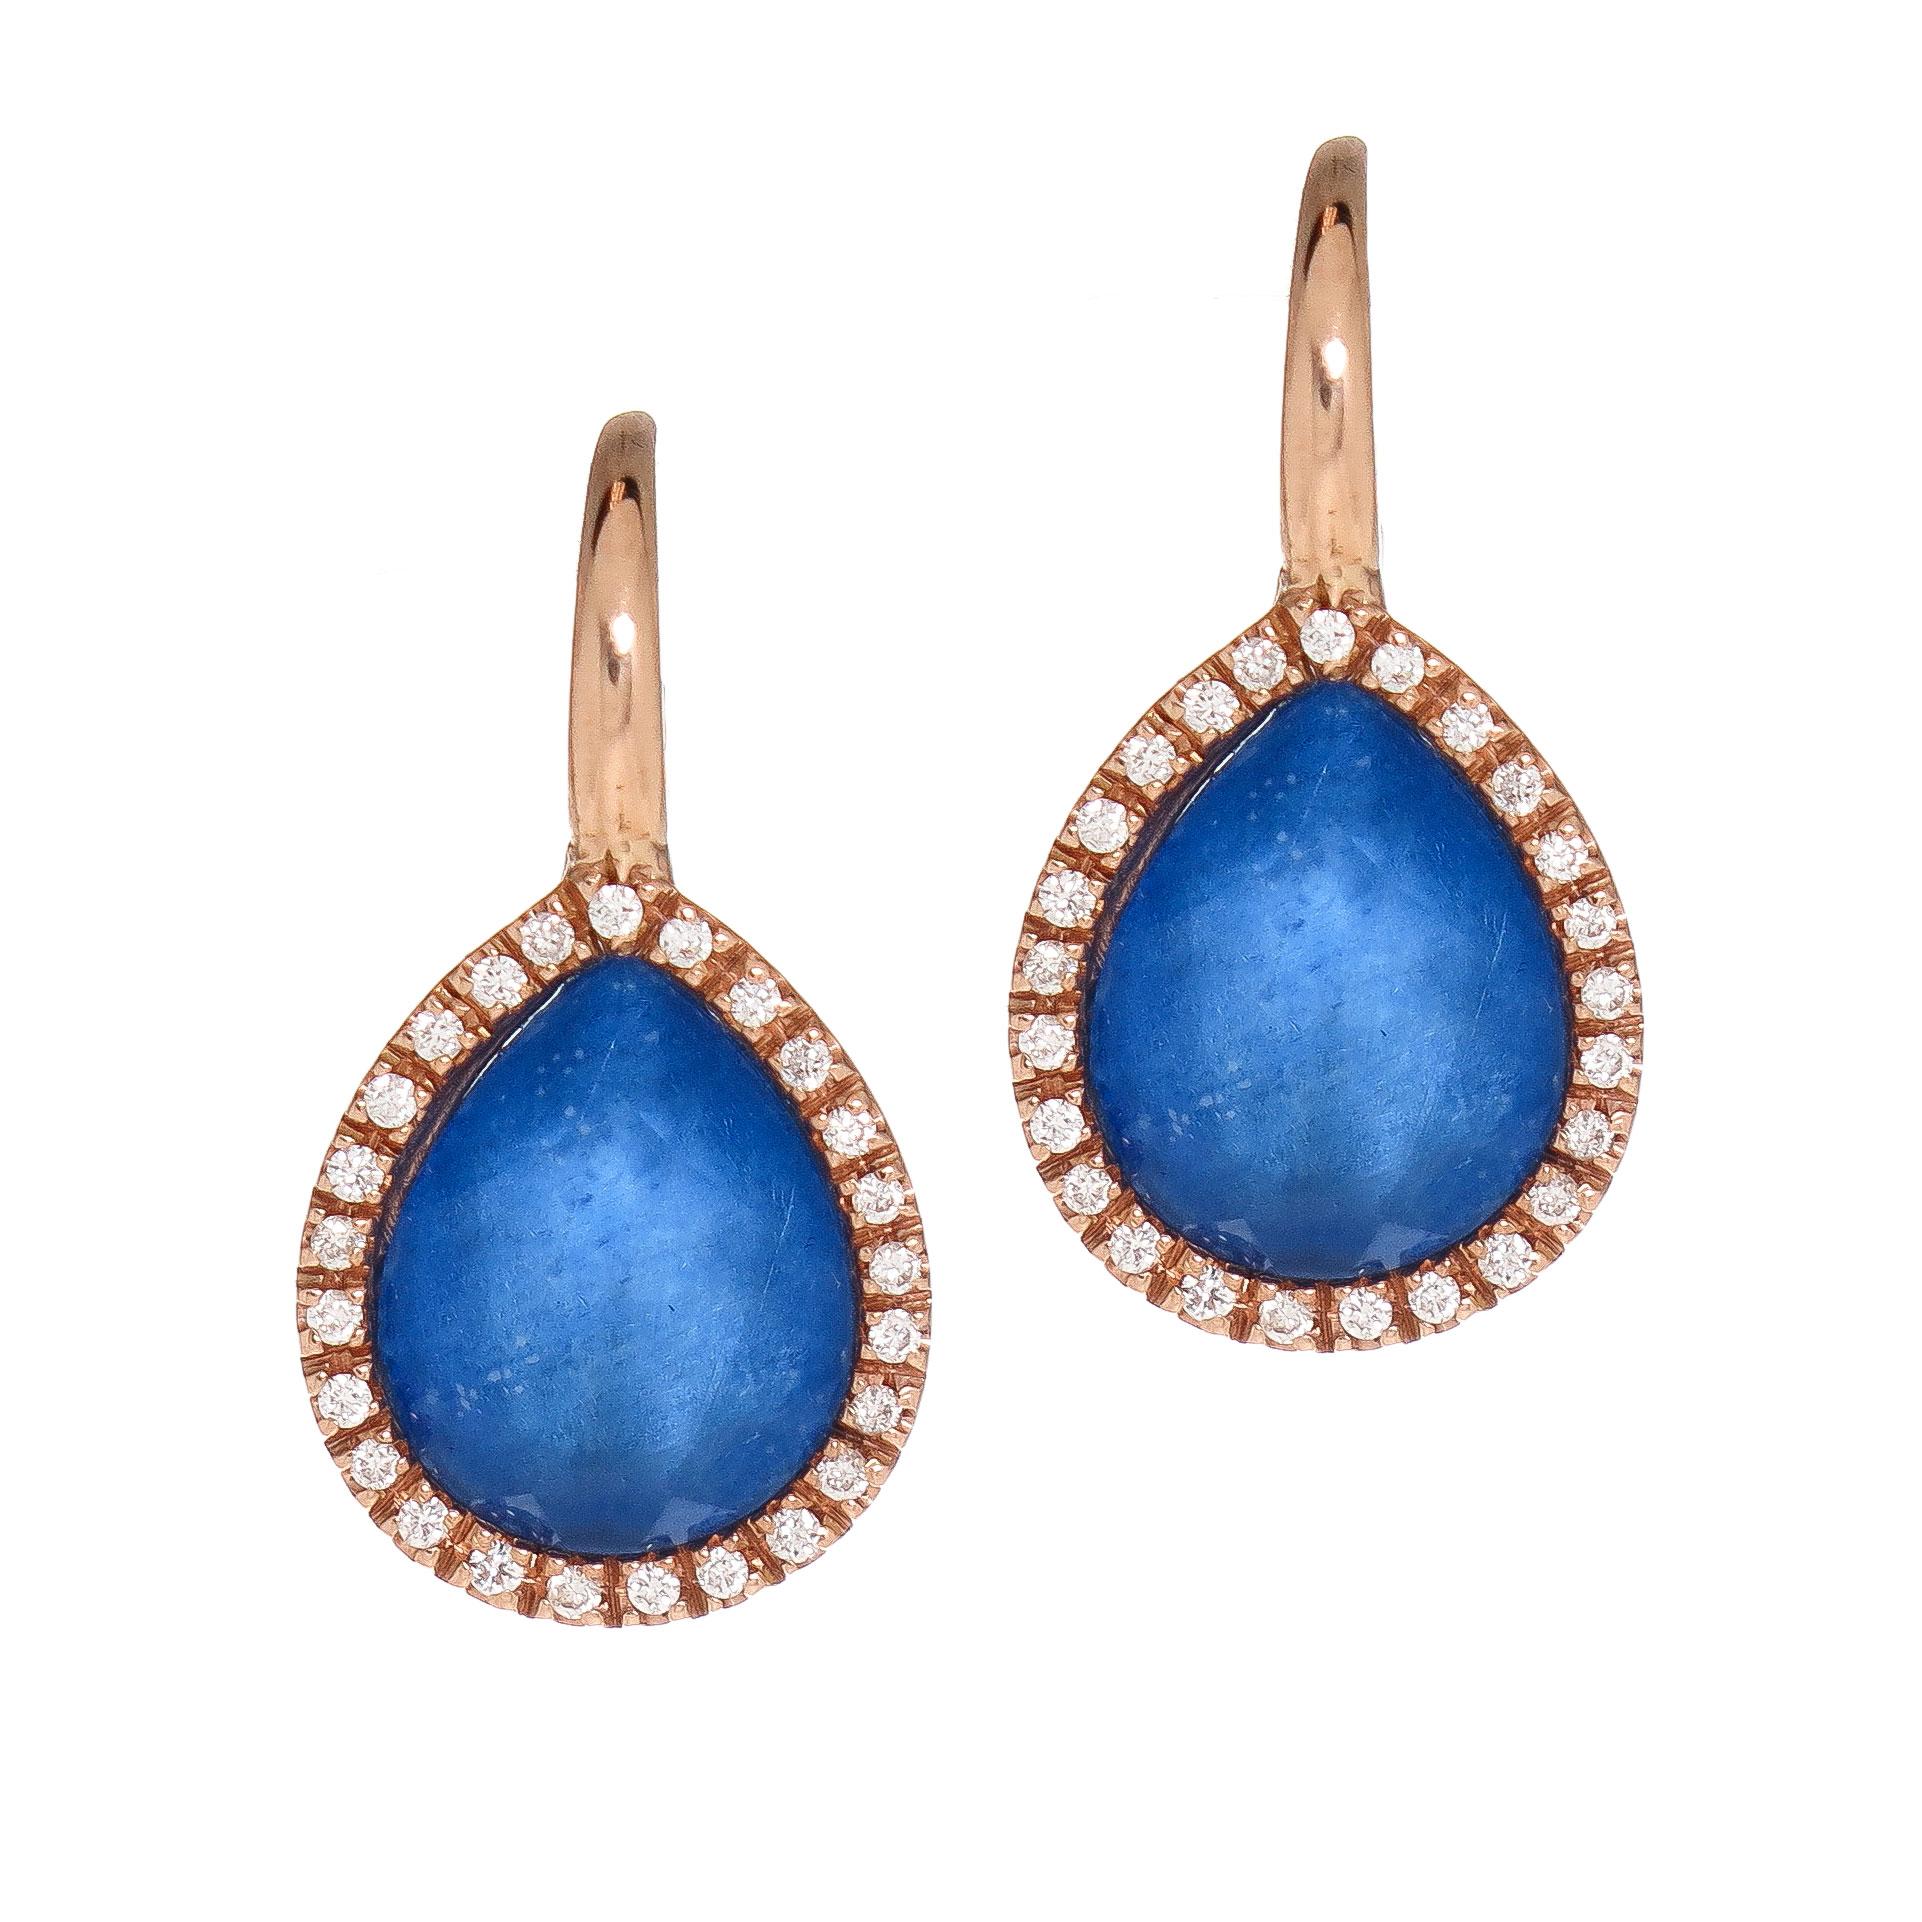 DH-earrings-06272017-4.jpg